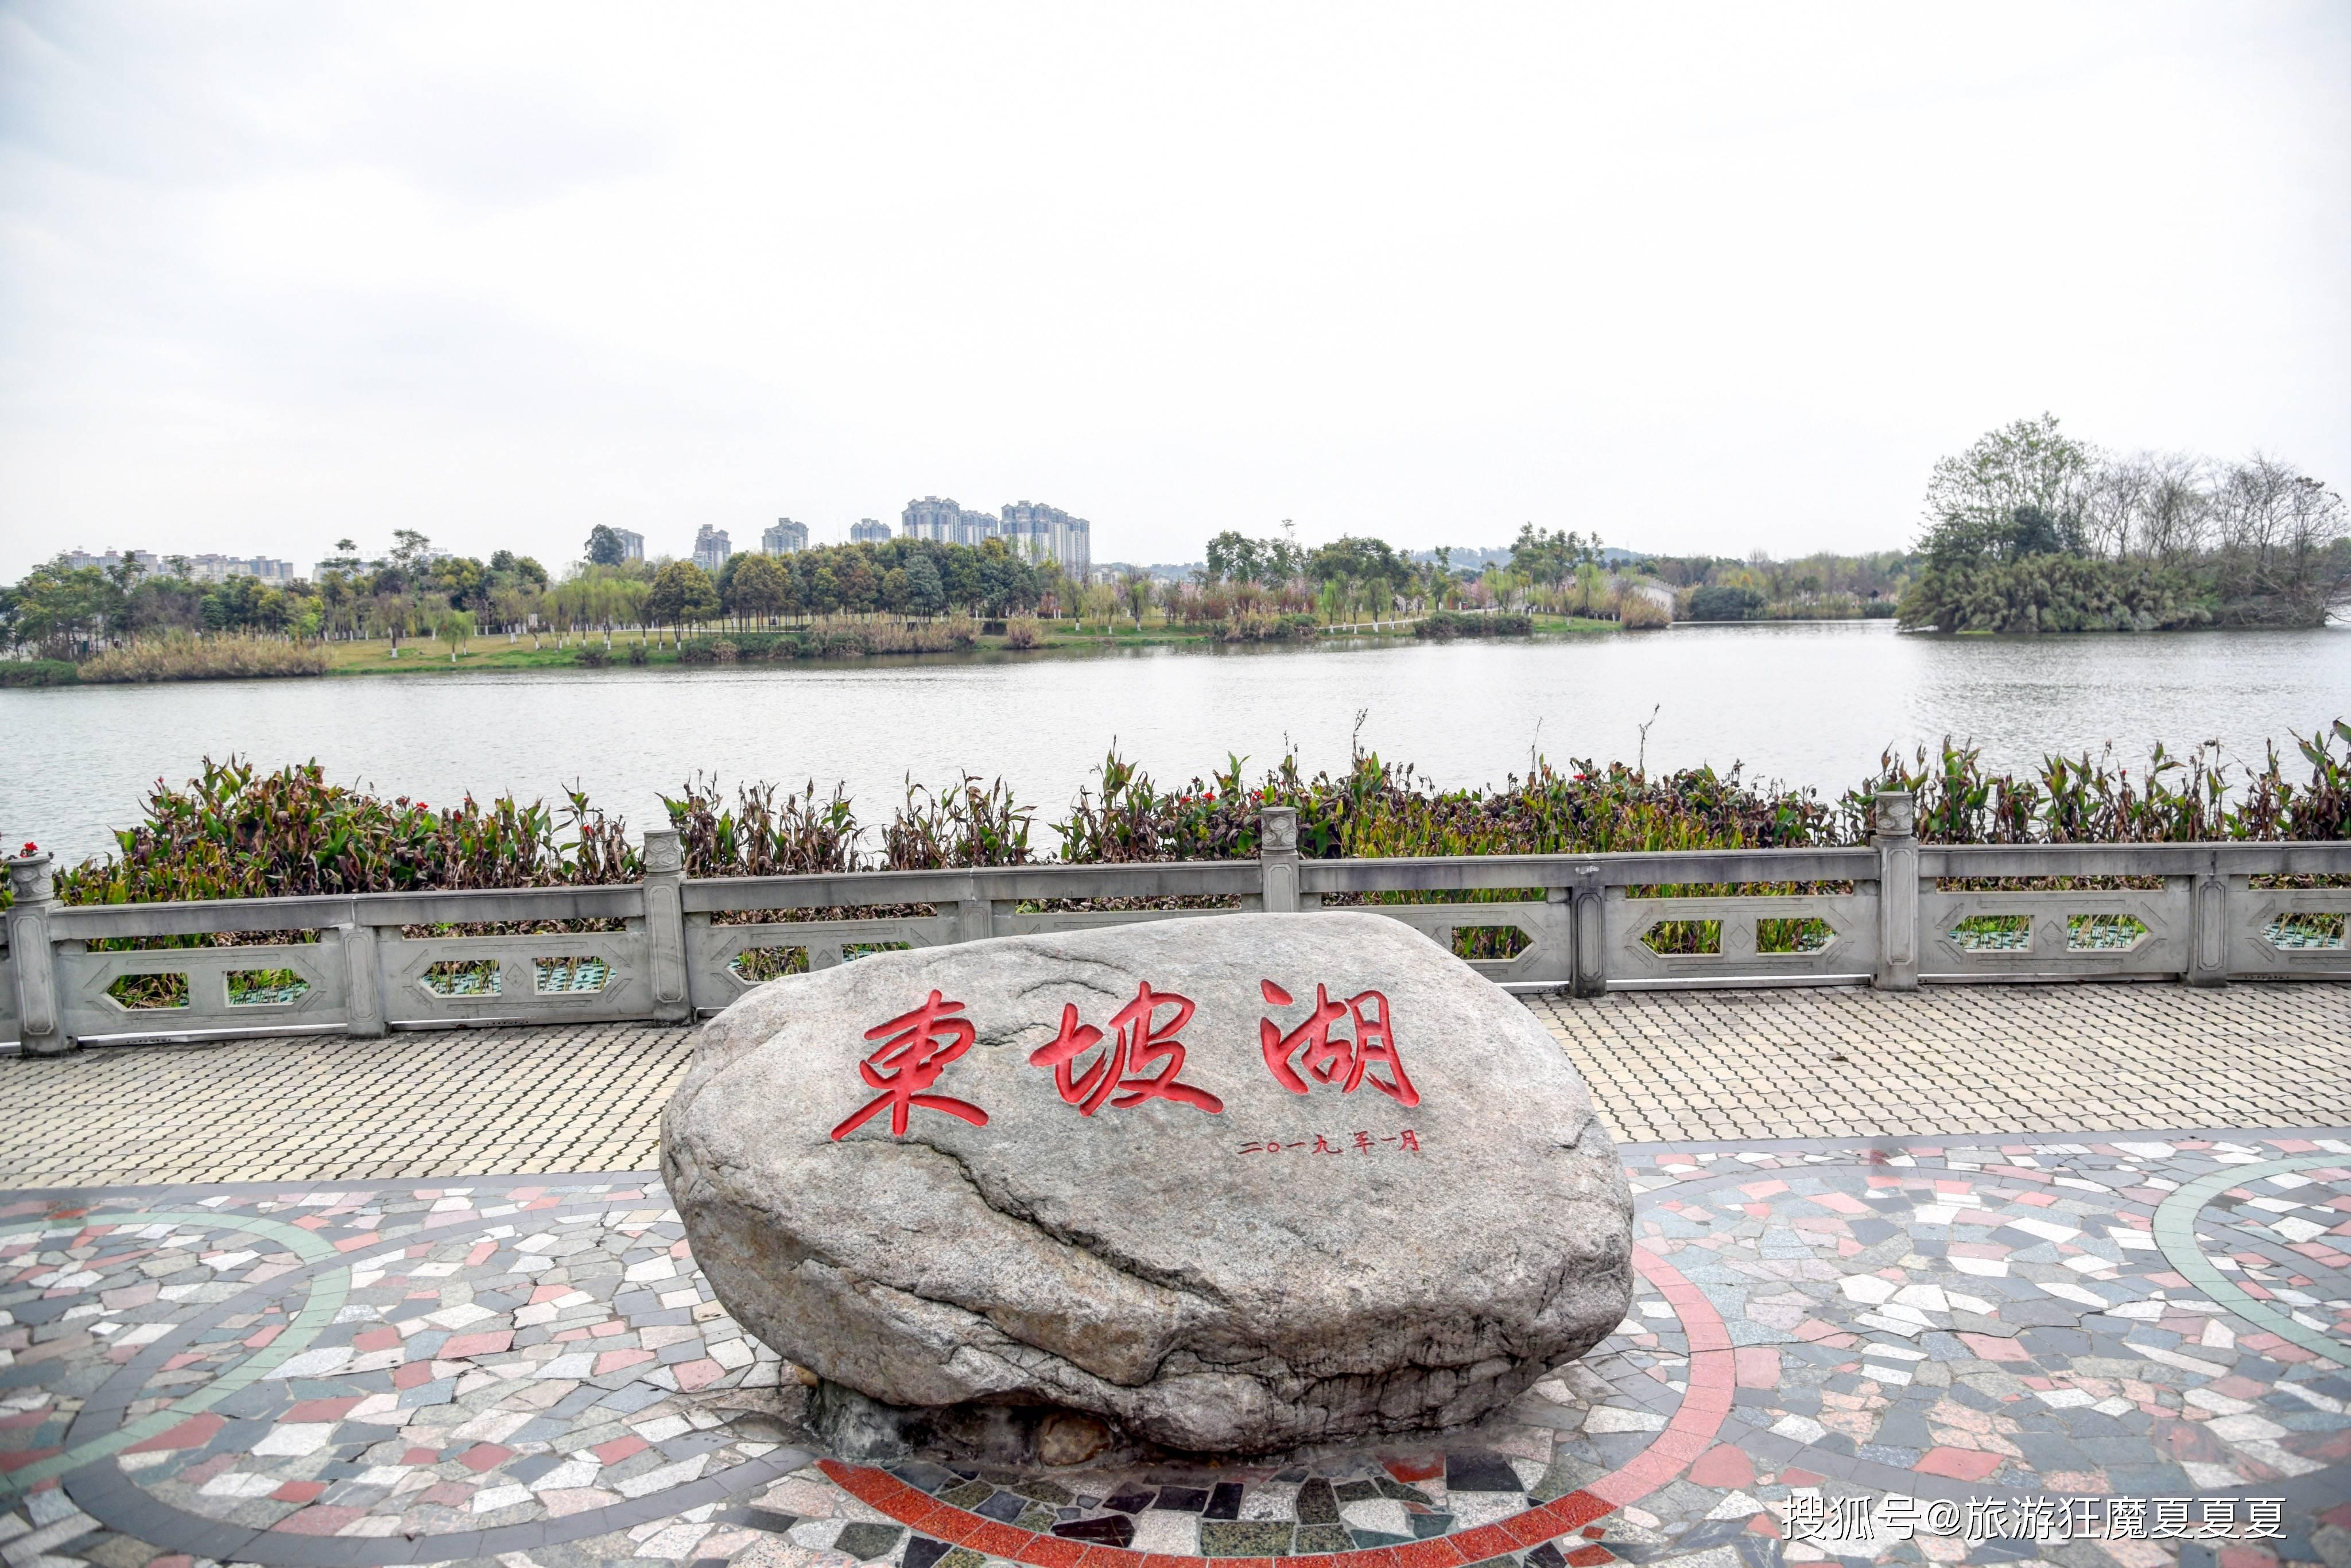 四川眉山1500年来首个公园,复古阁楼尽显气派,水舞秀尤其精彩